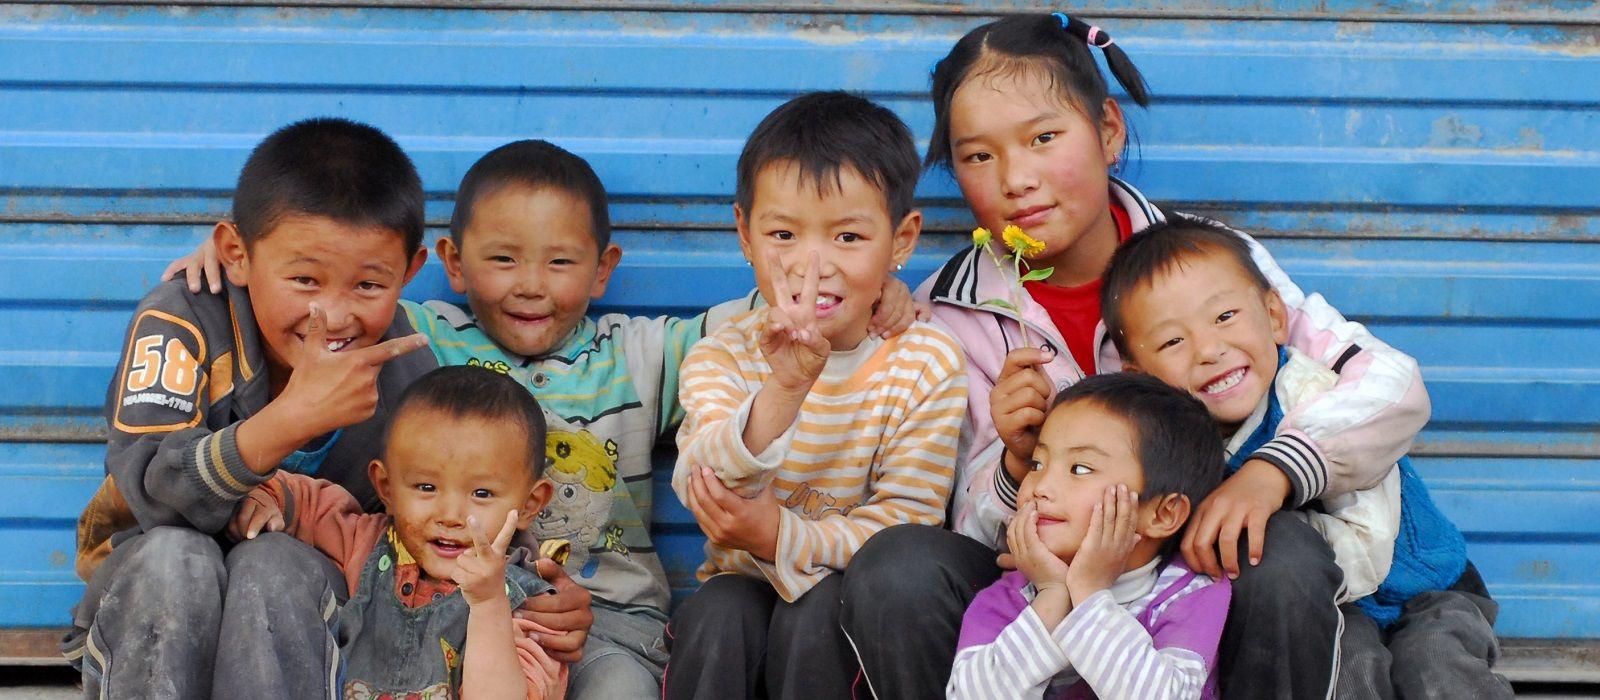 Highlights of the Himalayas: Nepal, Bhutan and Tibet Tour Trip 2